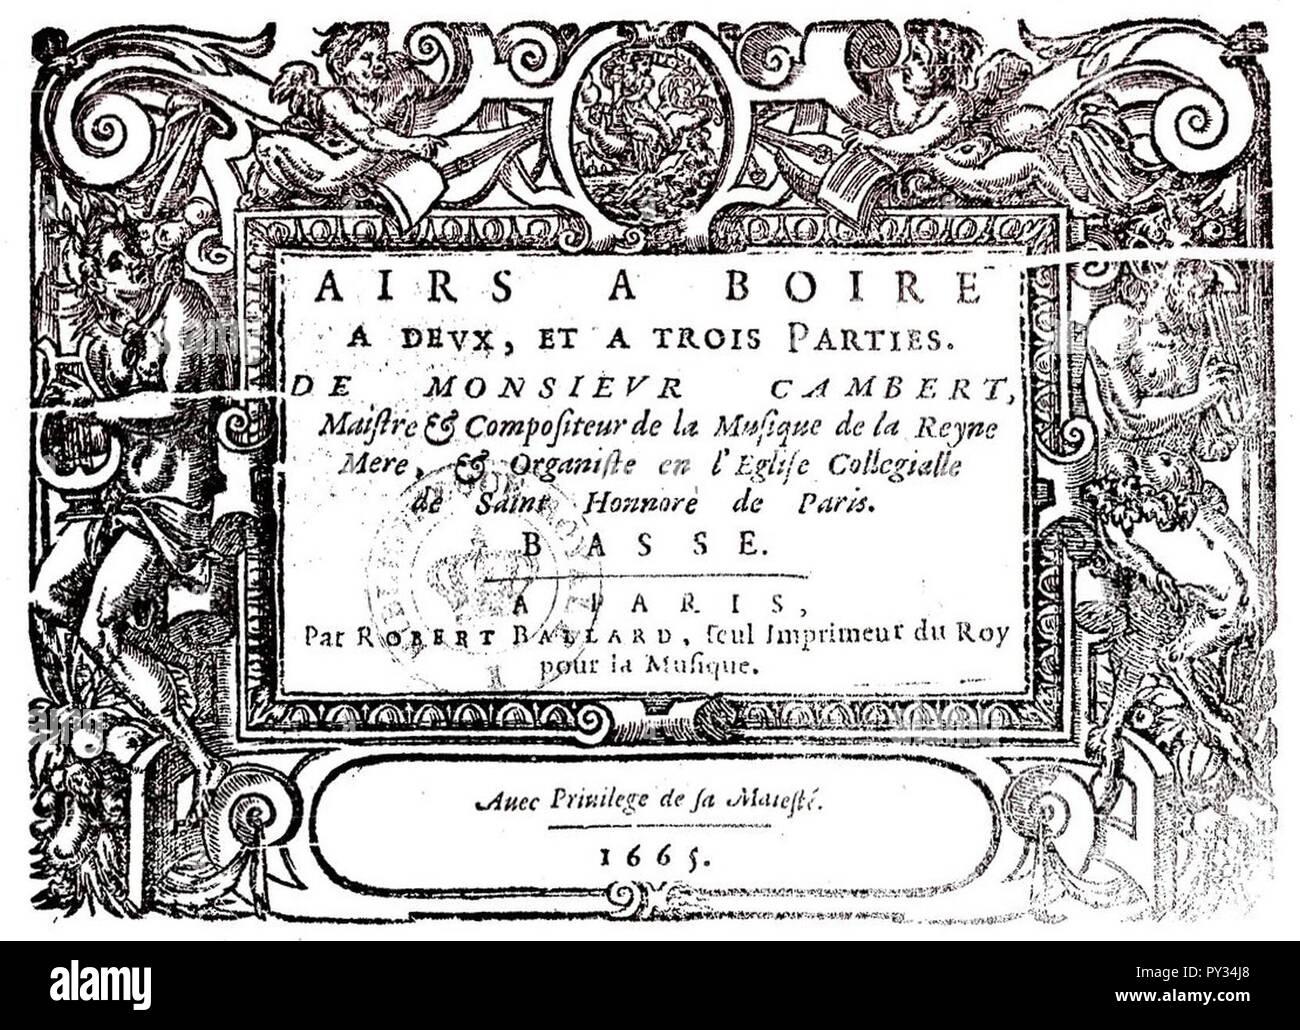 Cambert - Airs 1665. - Stock Image